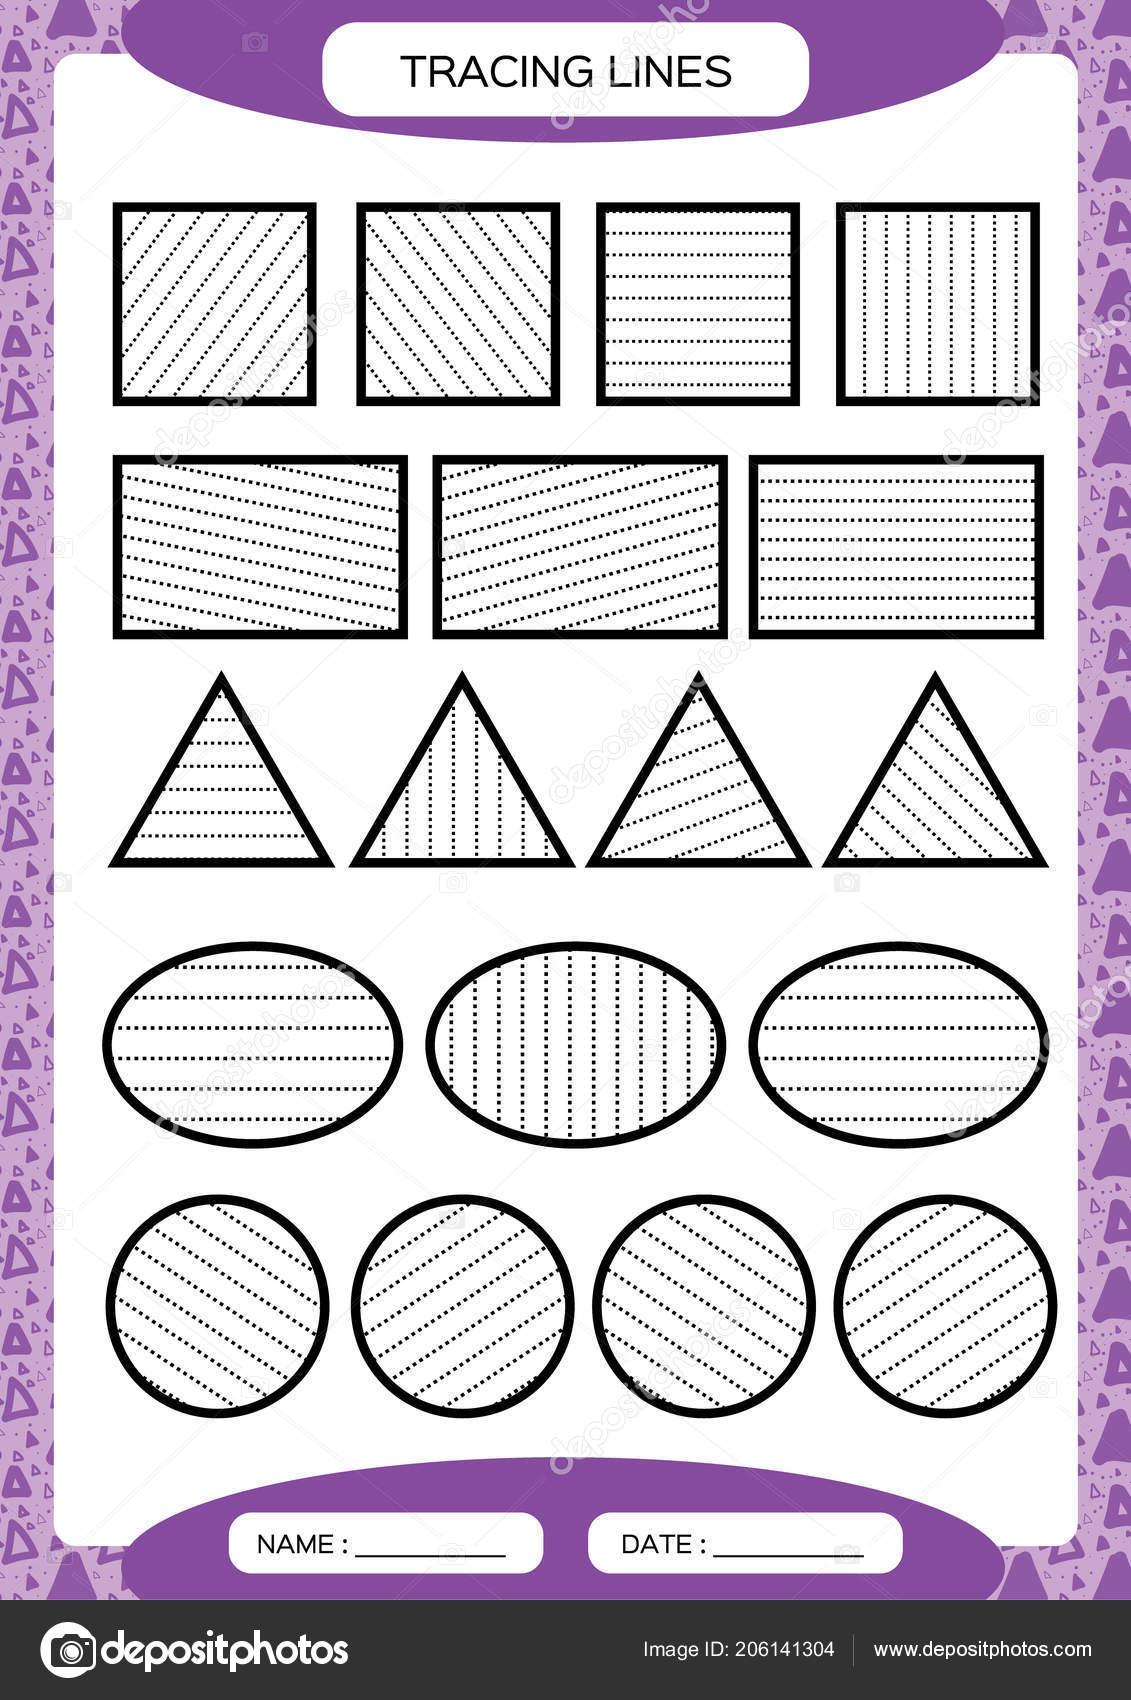 Tracing Lines Kids Education Preschool Worksheet Basic Writing Kids ...